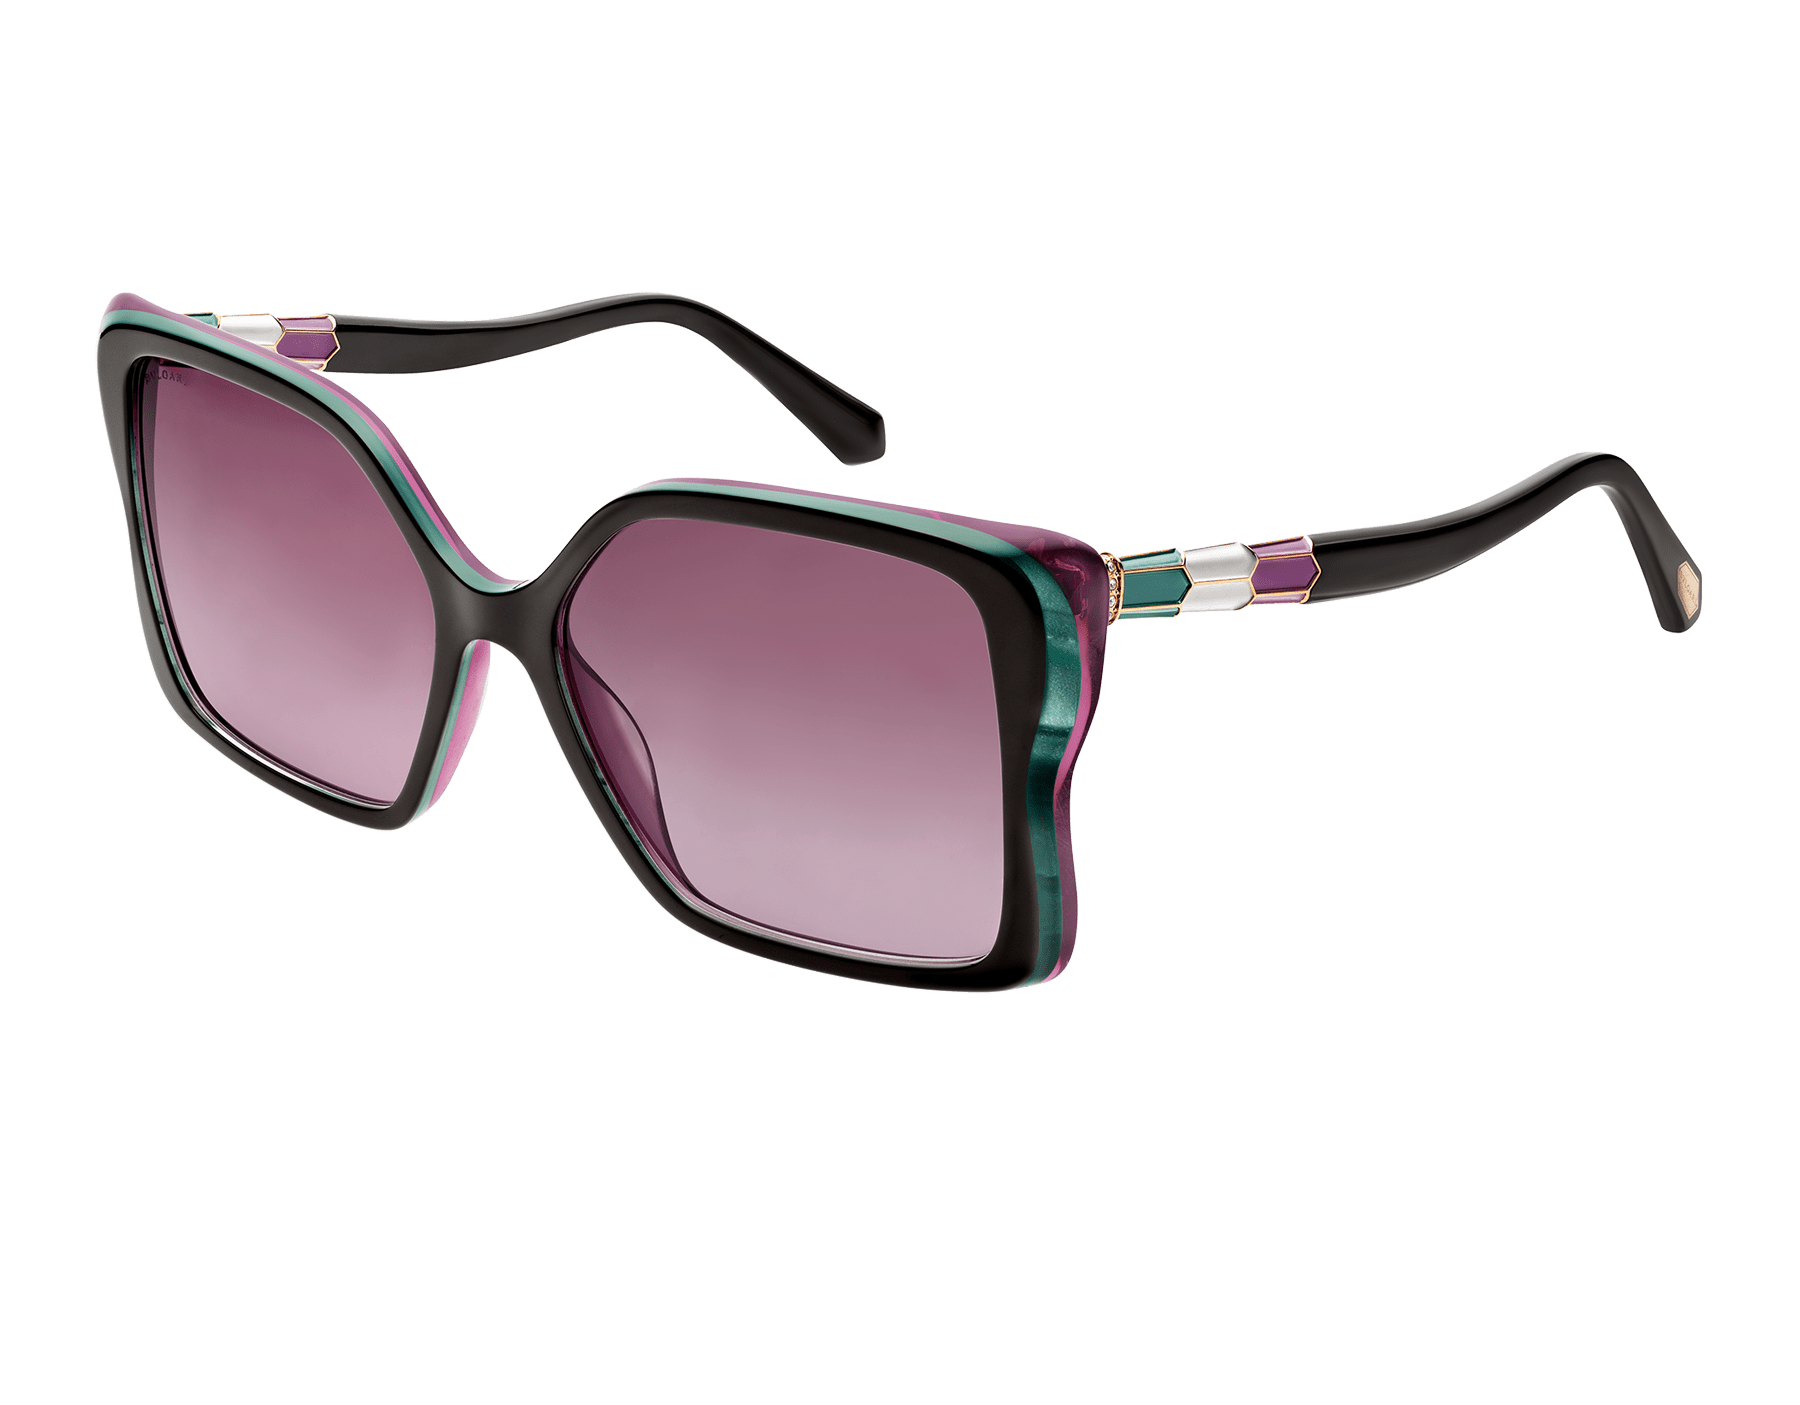 نظارات شمسية سيربنتي «باك-تو-سكيل» من الأسيتات بشكل فراشة 904055 image 1